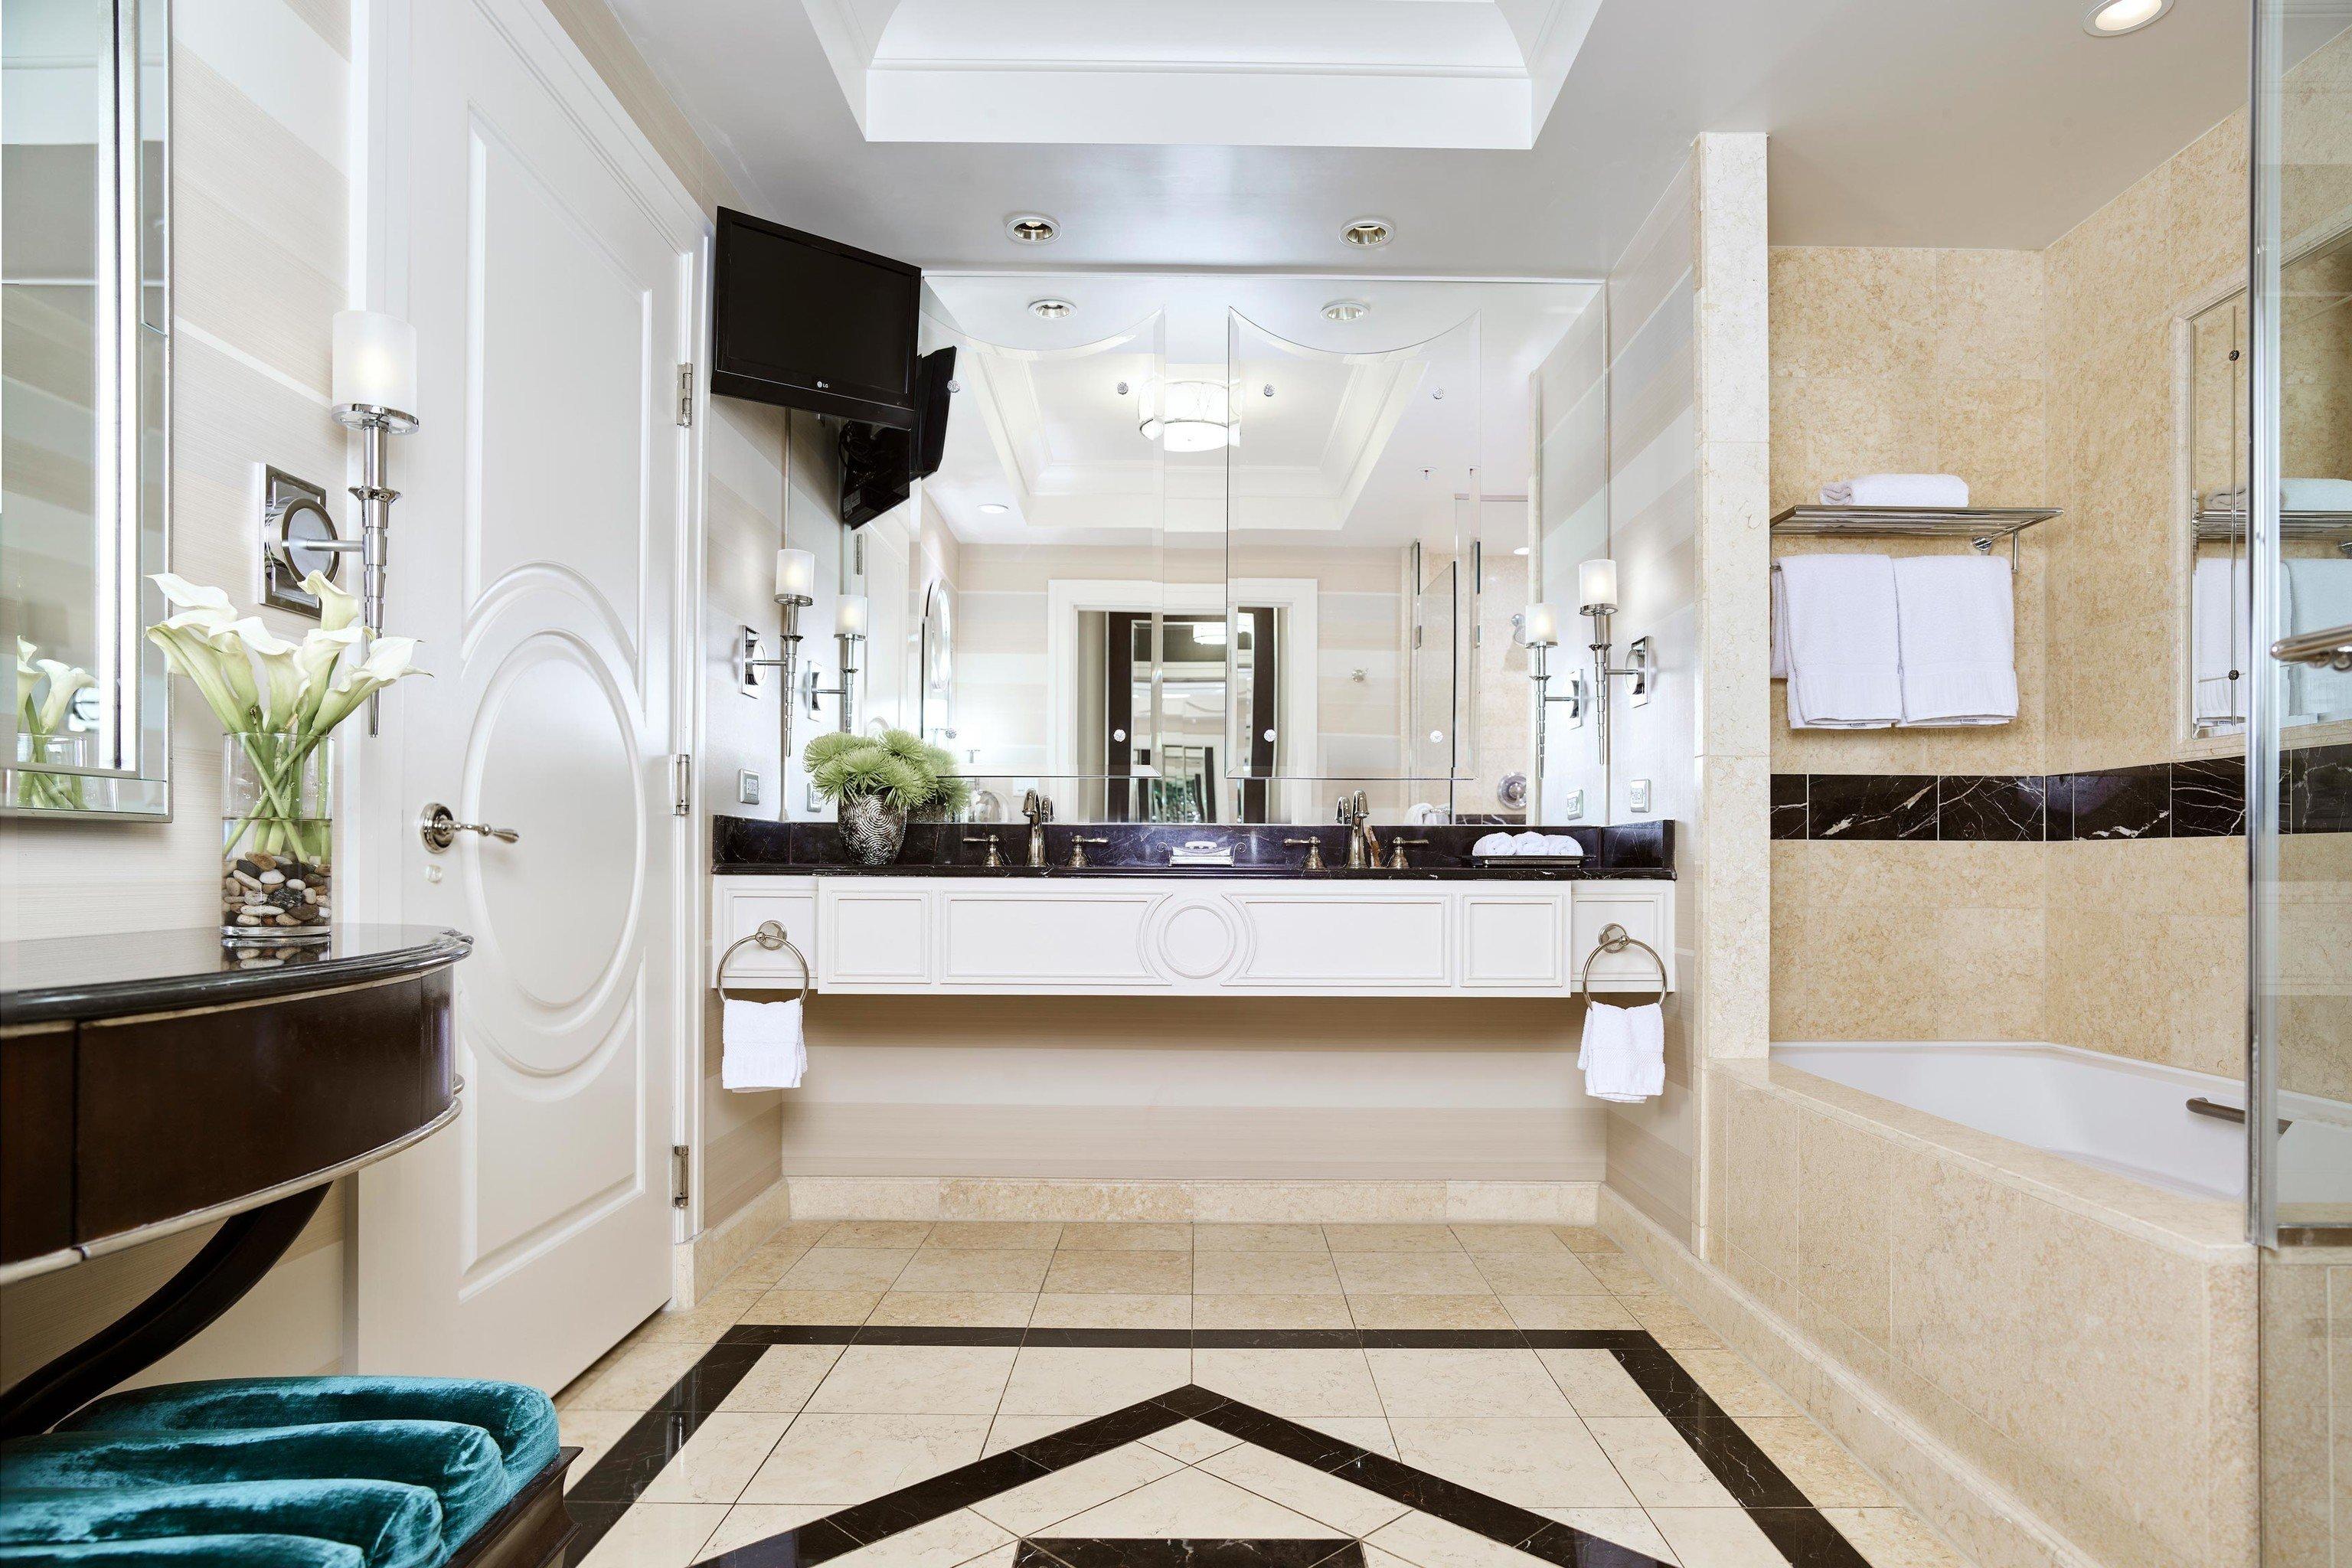 Kitchen Countertop Las Vegas Nv Reviews